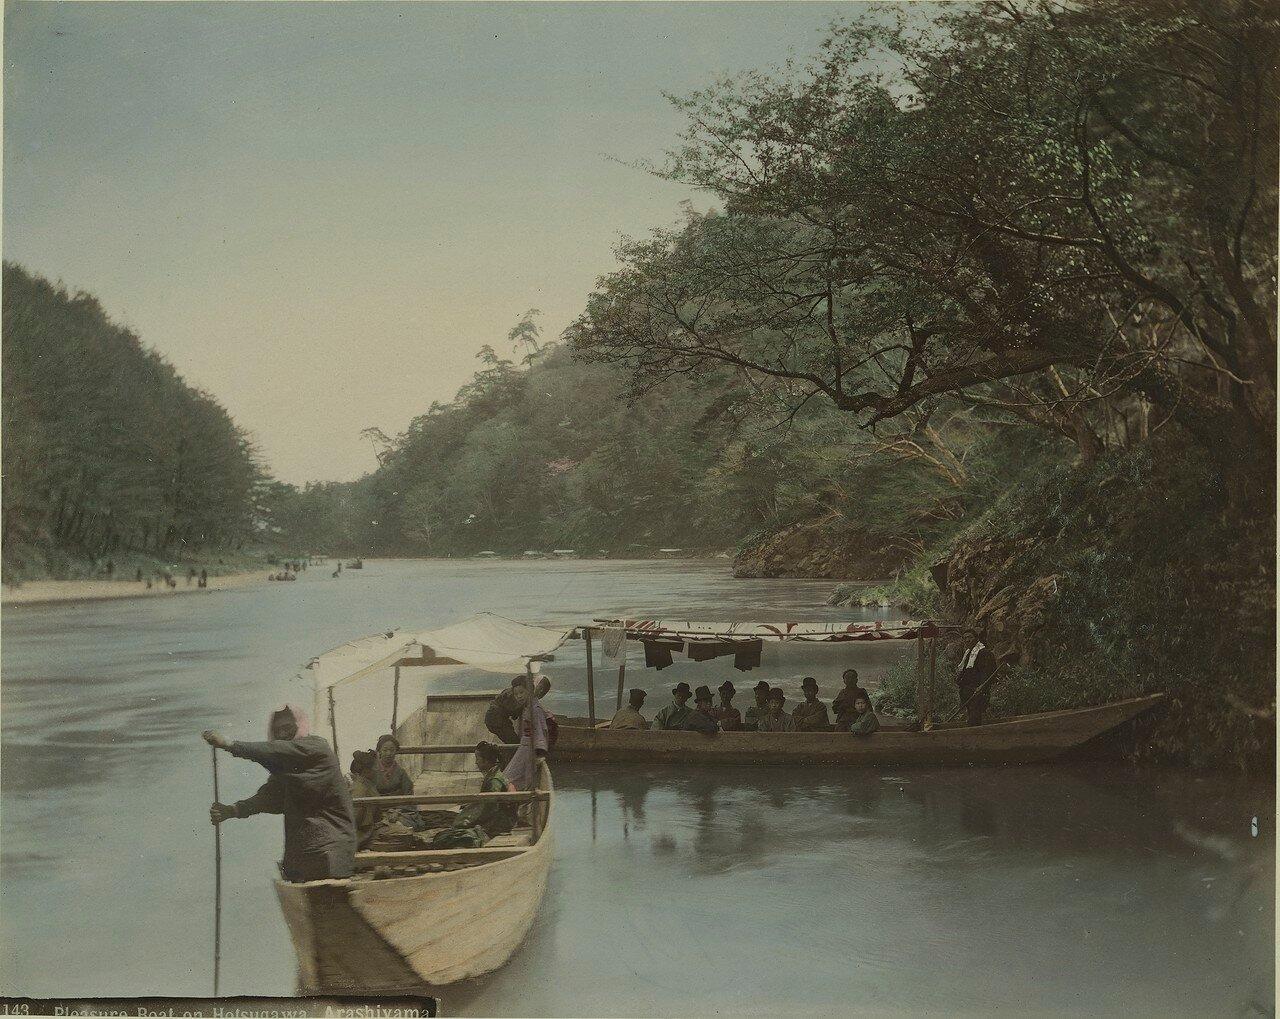 Киото. Арашияма. Прогулочная лодка на реке Хоцугава